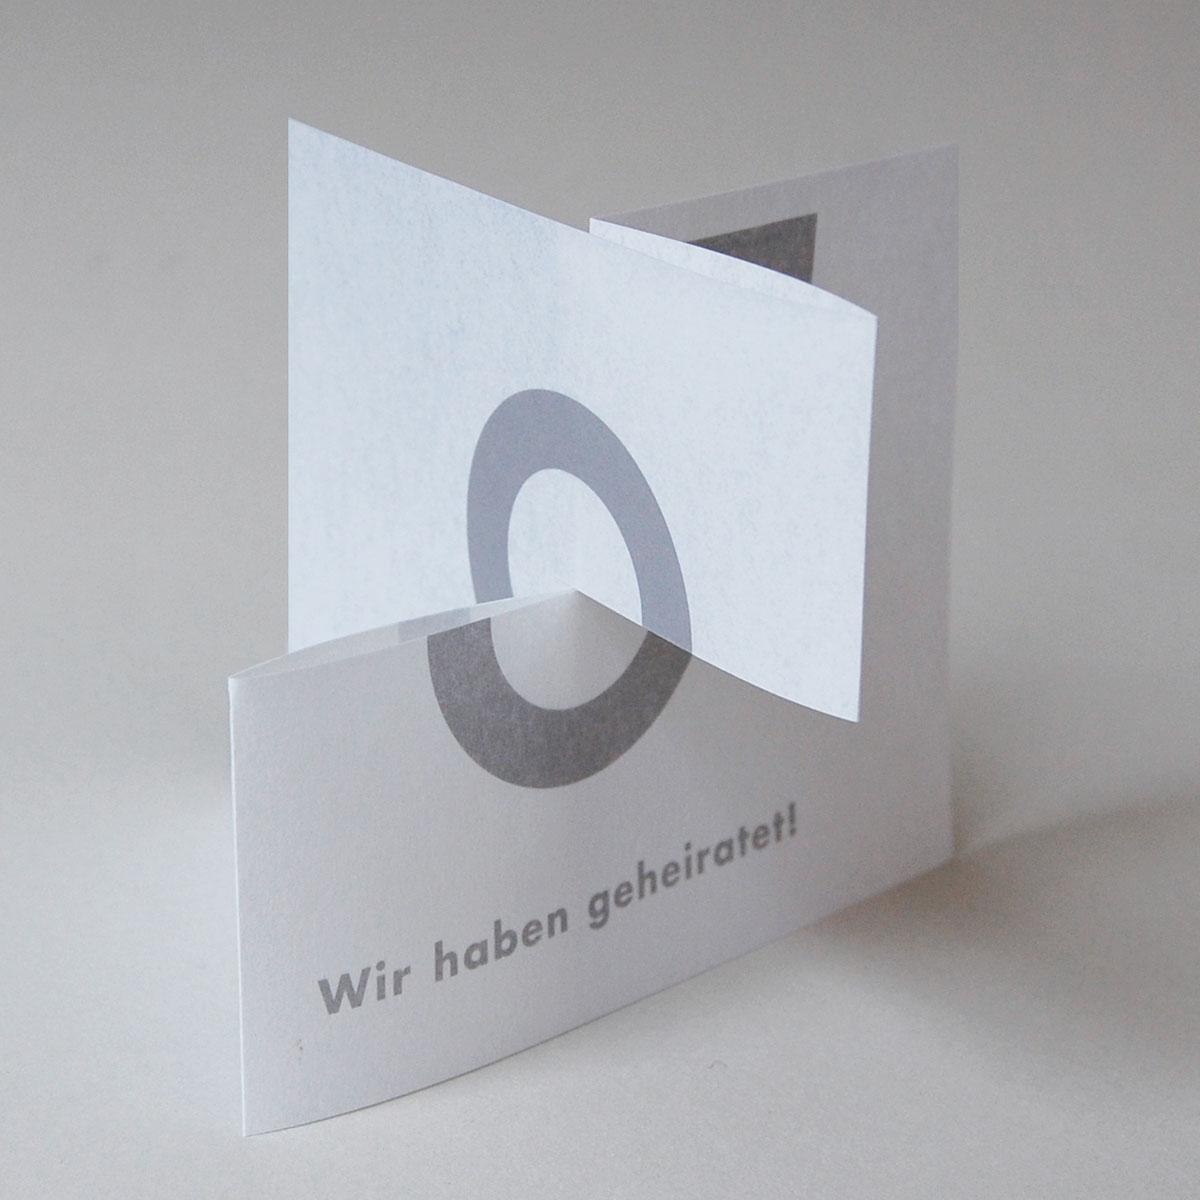 Designer-Hochzeitskarten: Wir haben geheiratet!